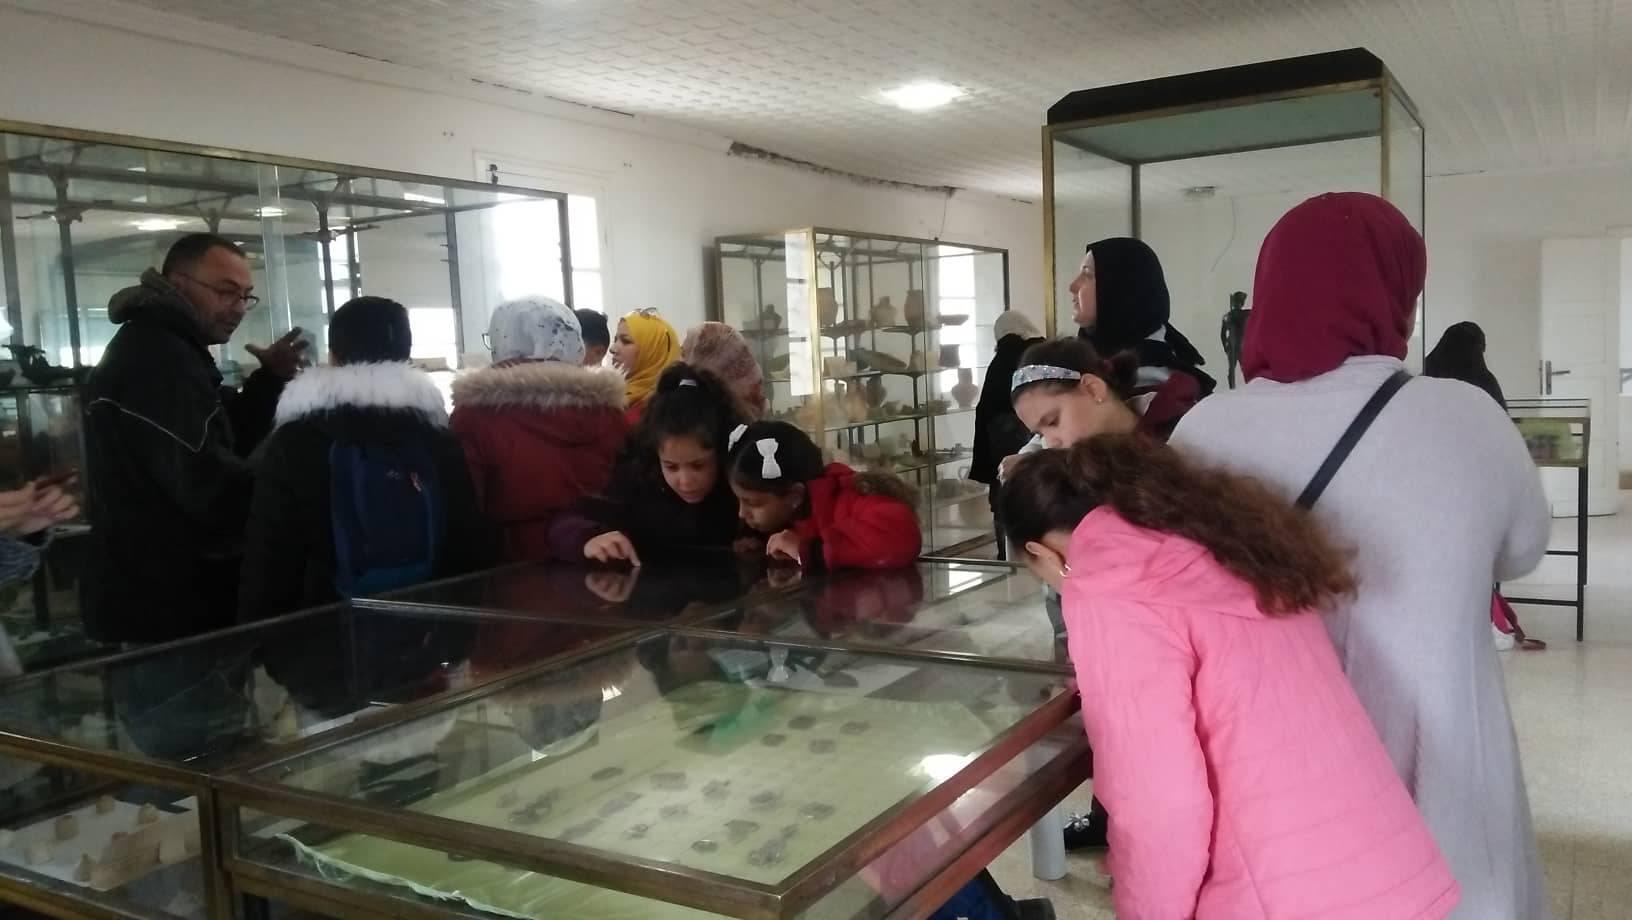 خرجة للأطفال الى متحف هيبون - كافل اليتيم الوطنية - مكتب ولاية عنابة